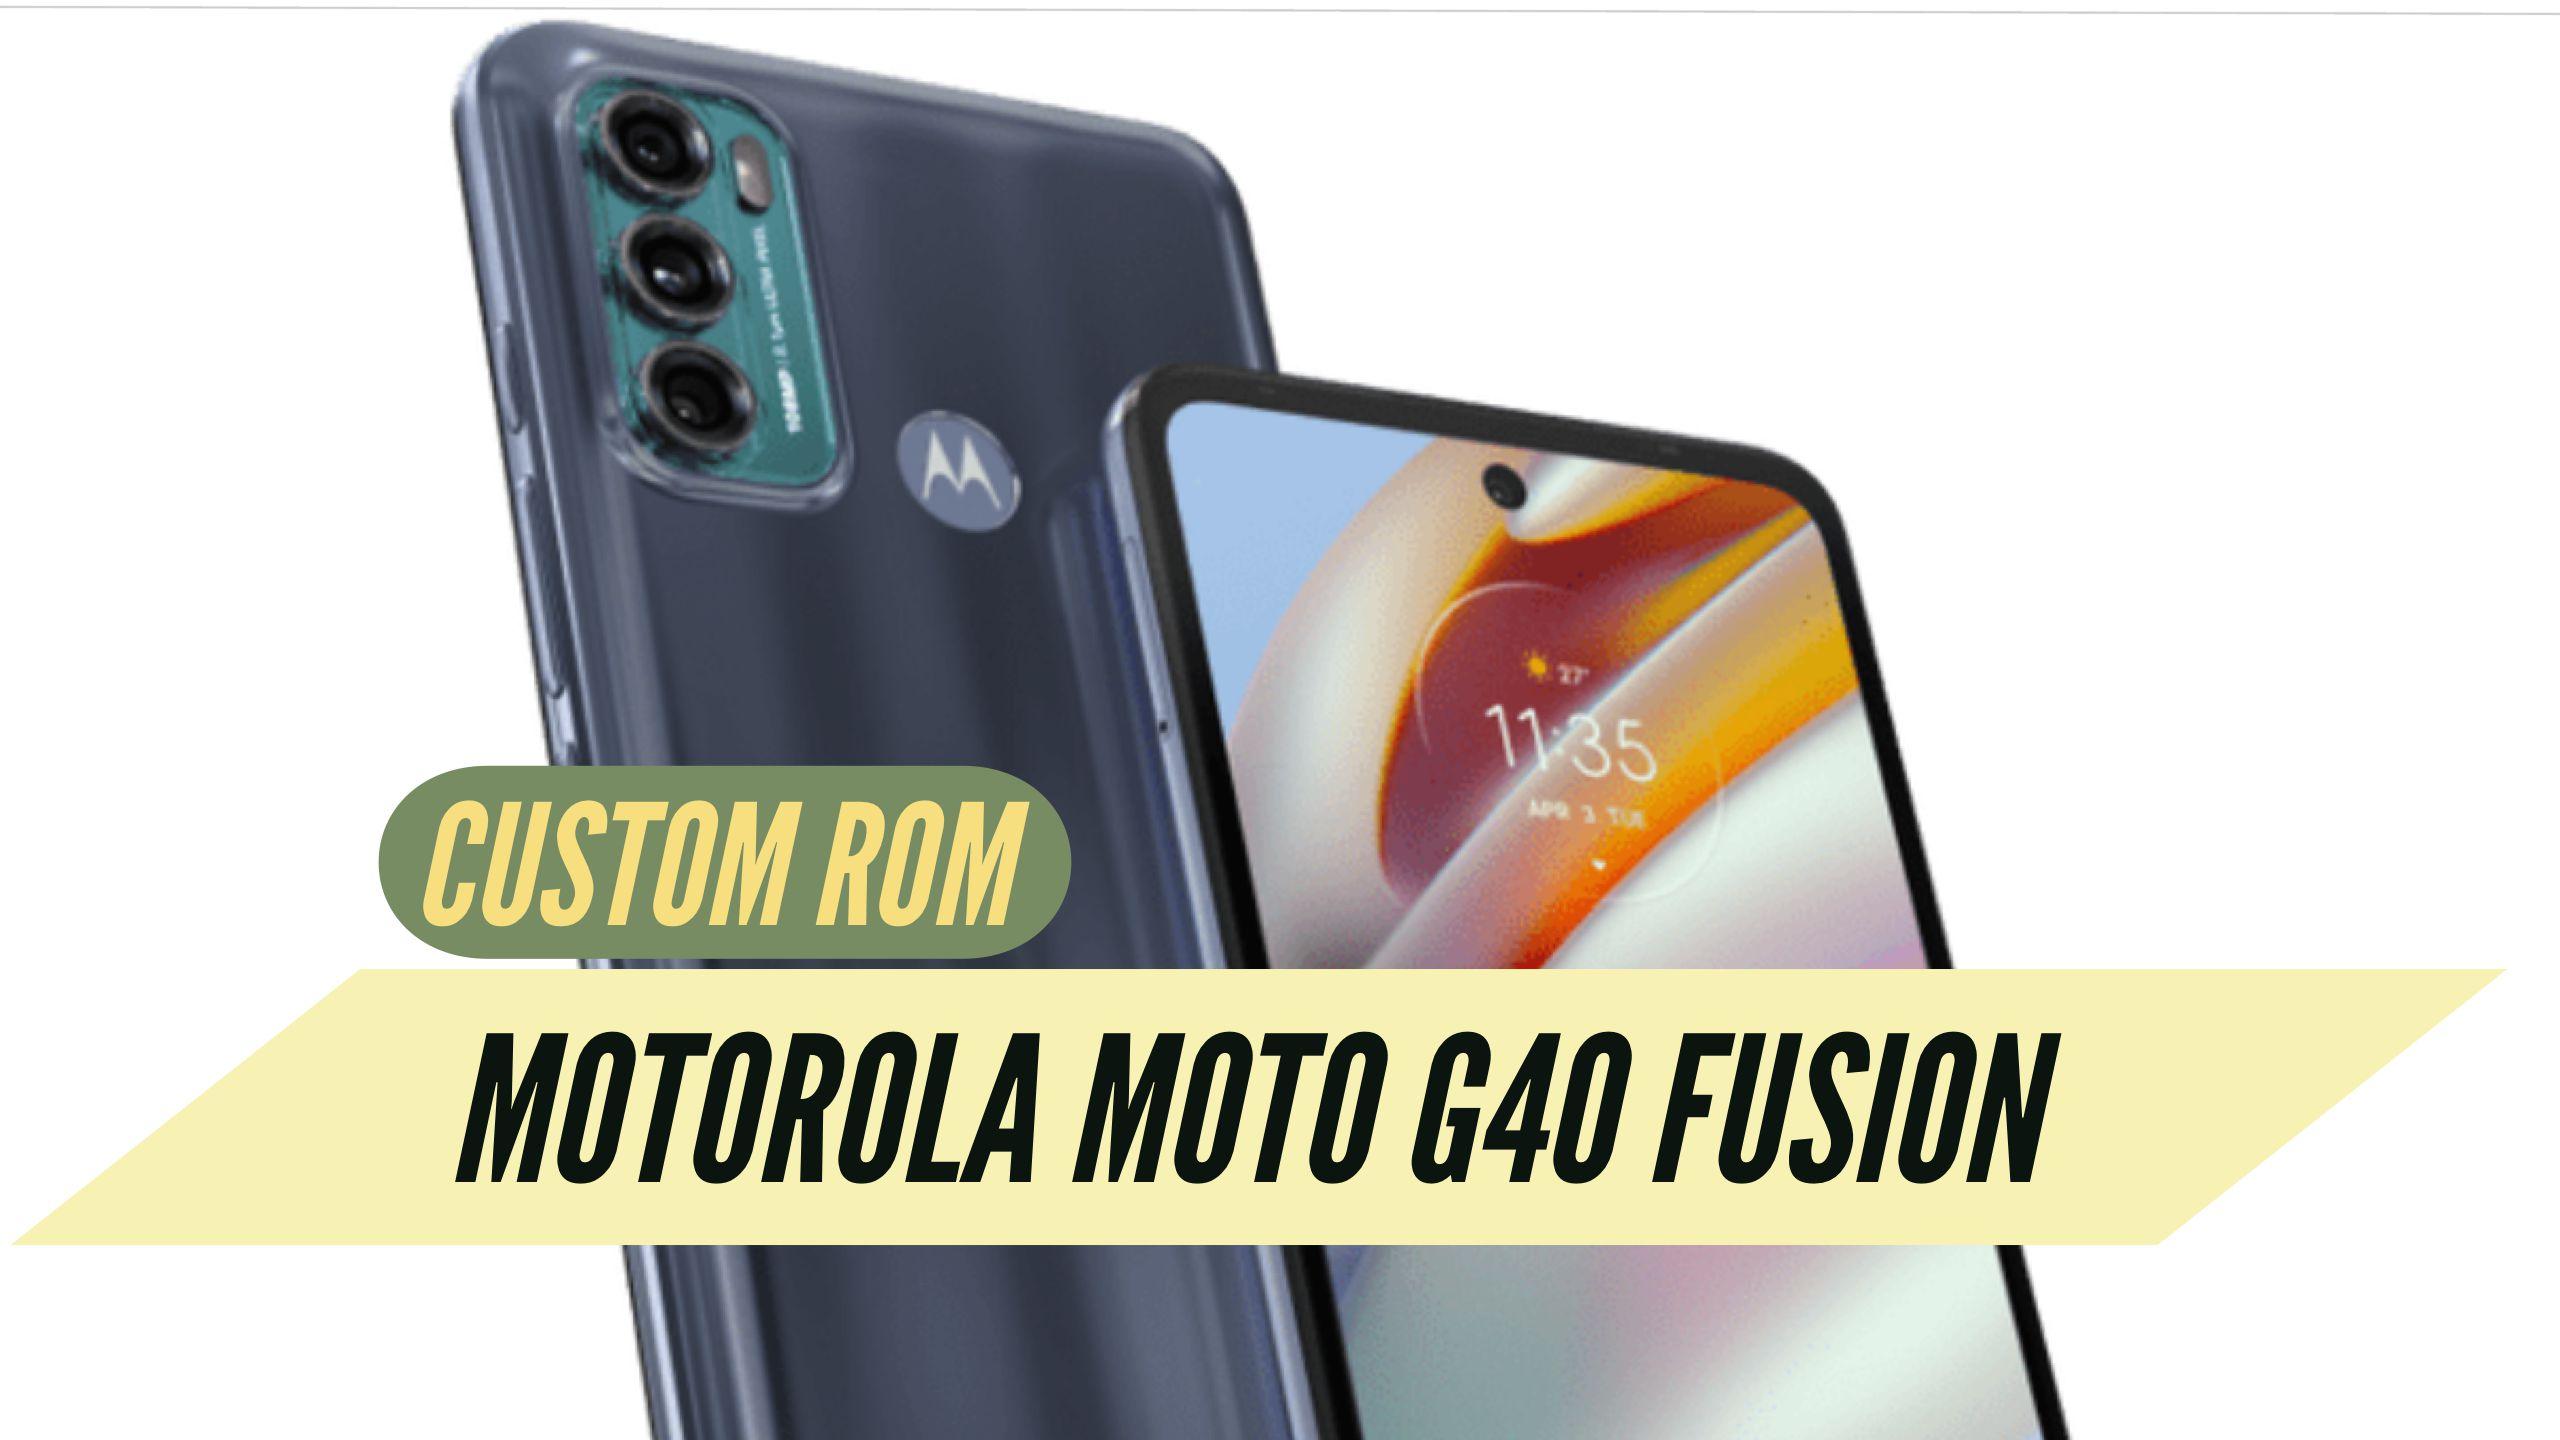 Motorola Moto G40 Fusion Custom ROM